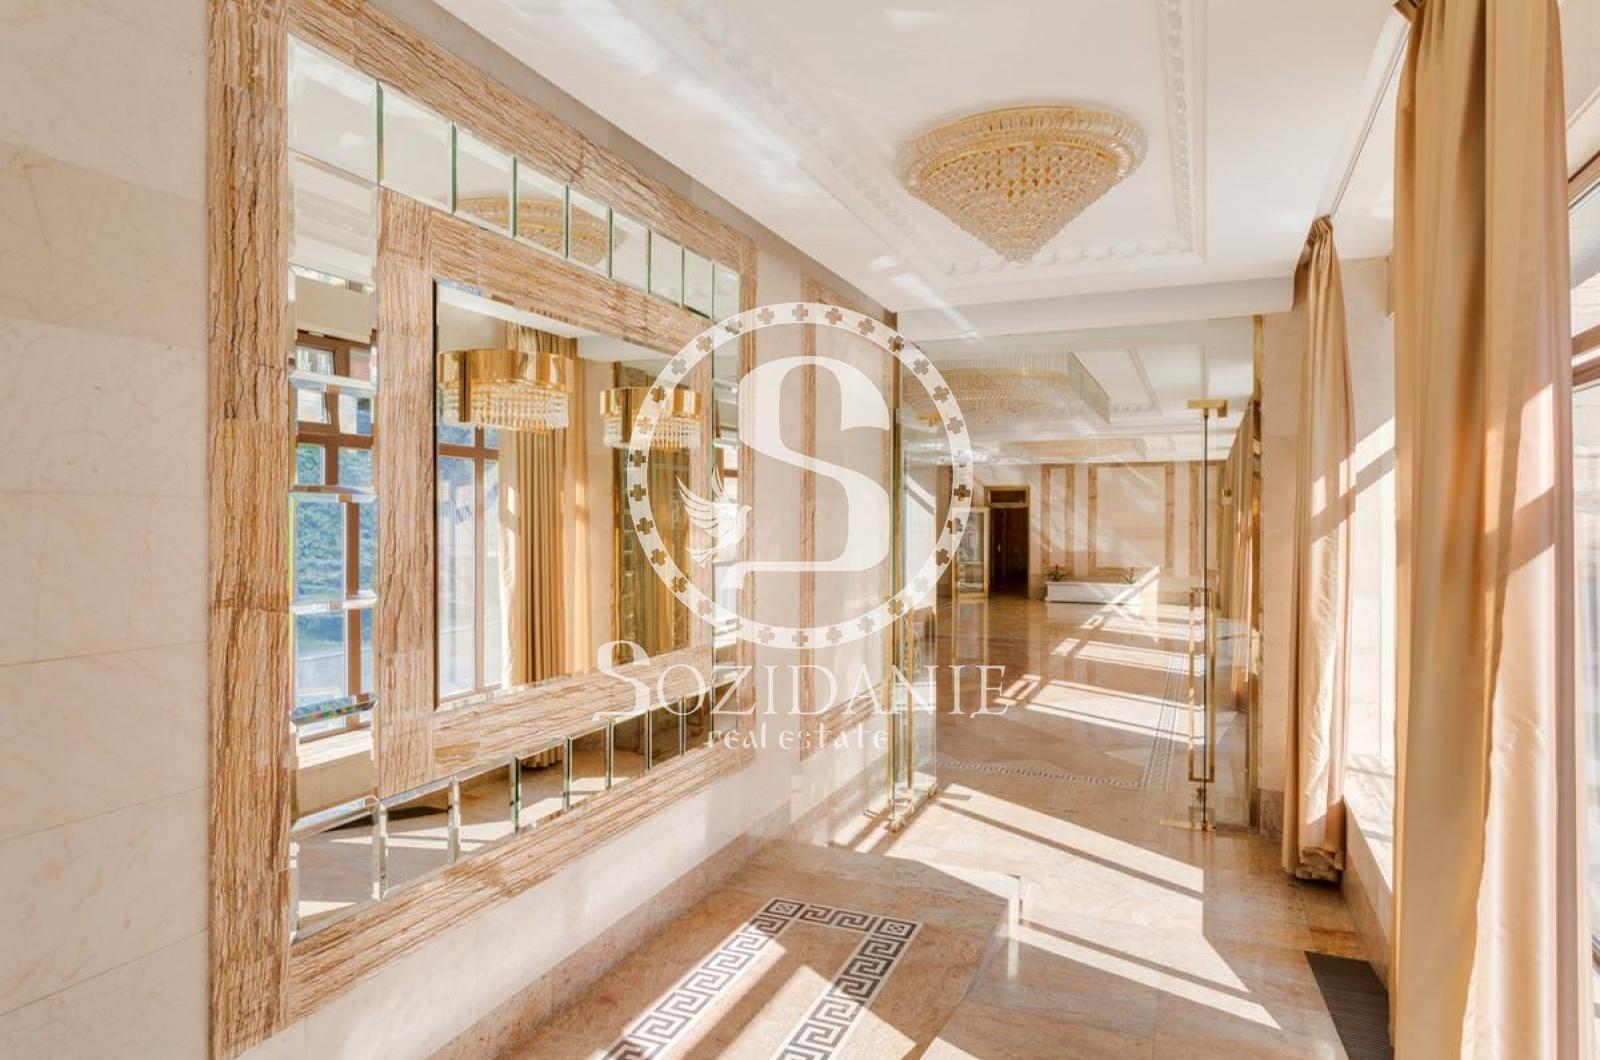 4 Комнаты, Городская, Продажа, Еропкинский переулок, Listing ID 3529, Москва, Россия,